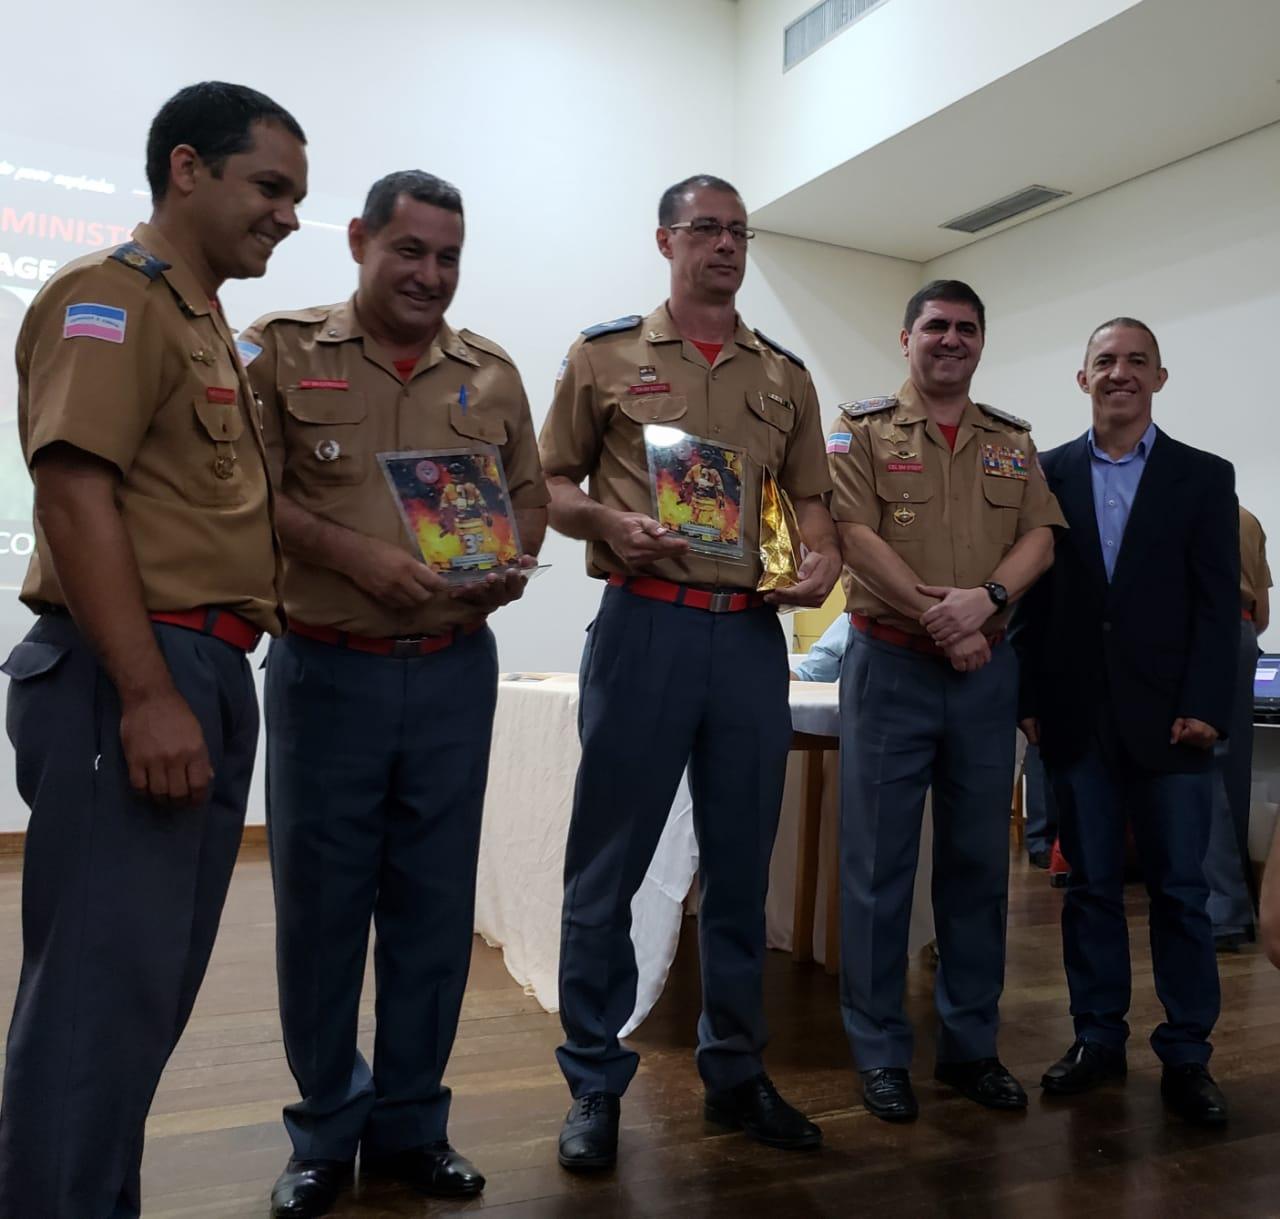 CERIMONIA DE DESTAQUES 2018 da 3ª Cia Ind de Bombeiros Militar